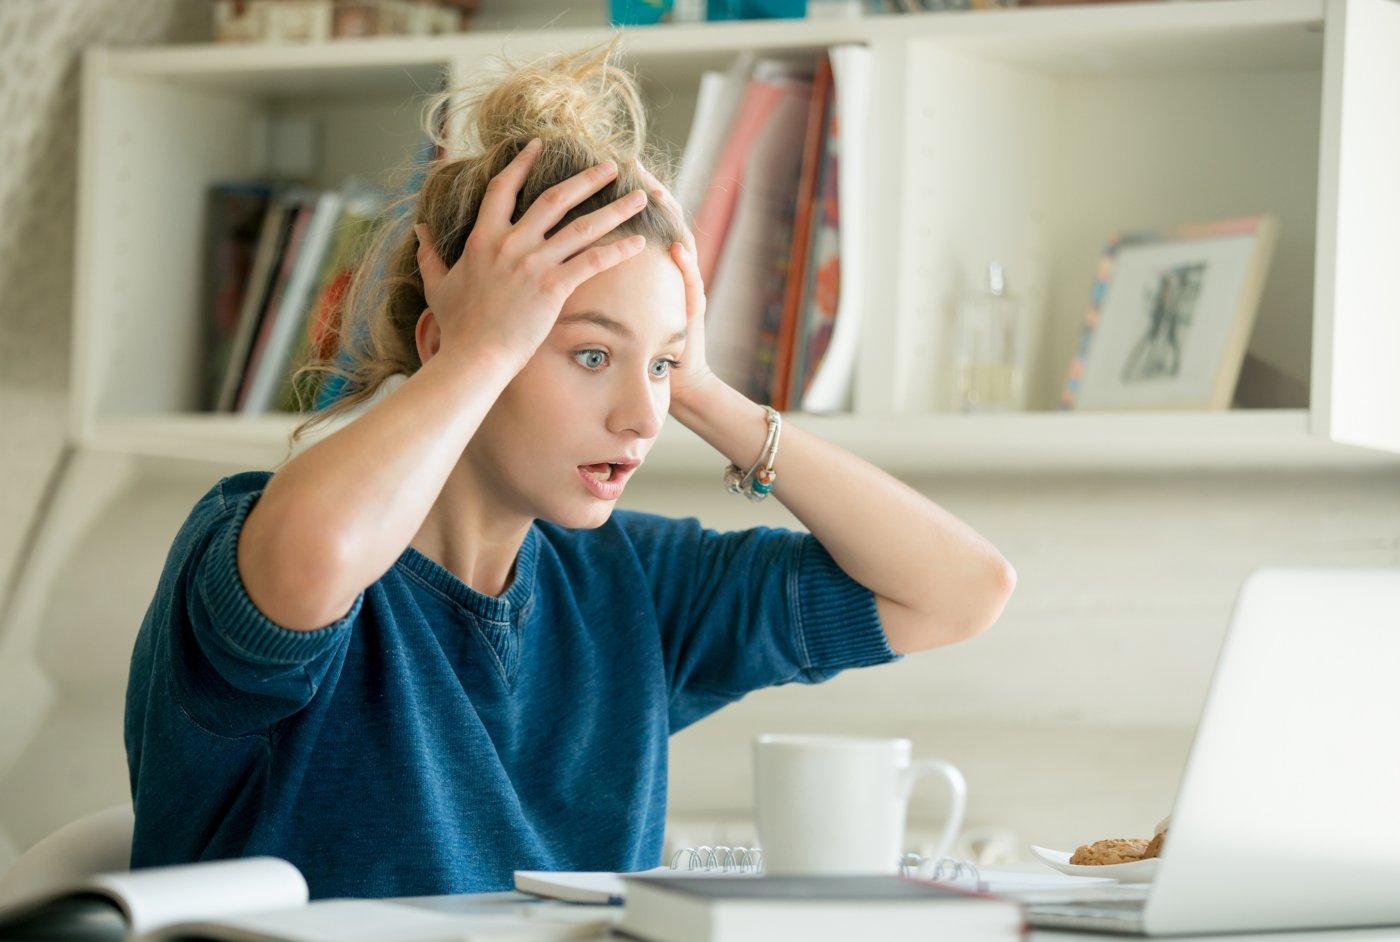 Causas e sintomas de tecnofobia